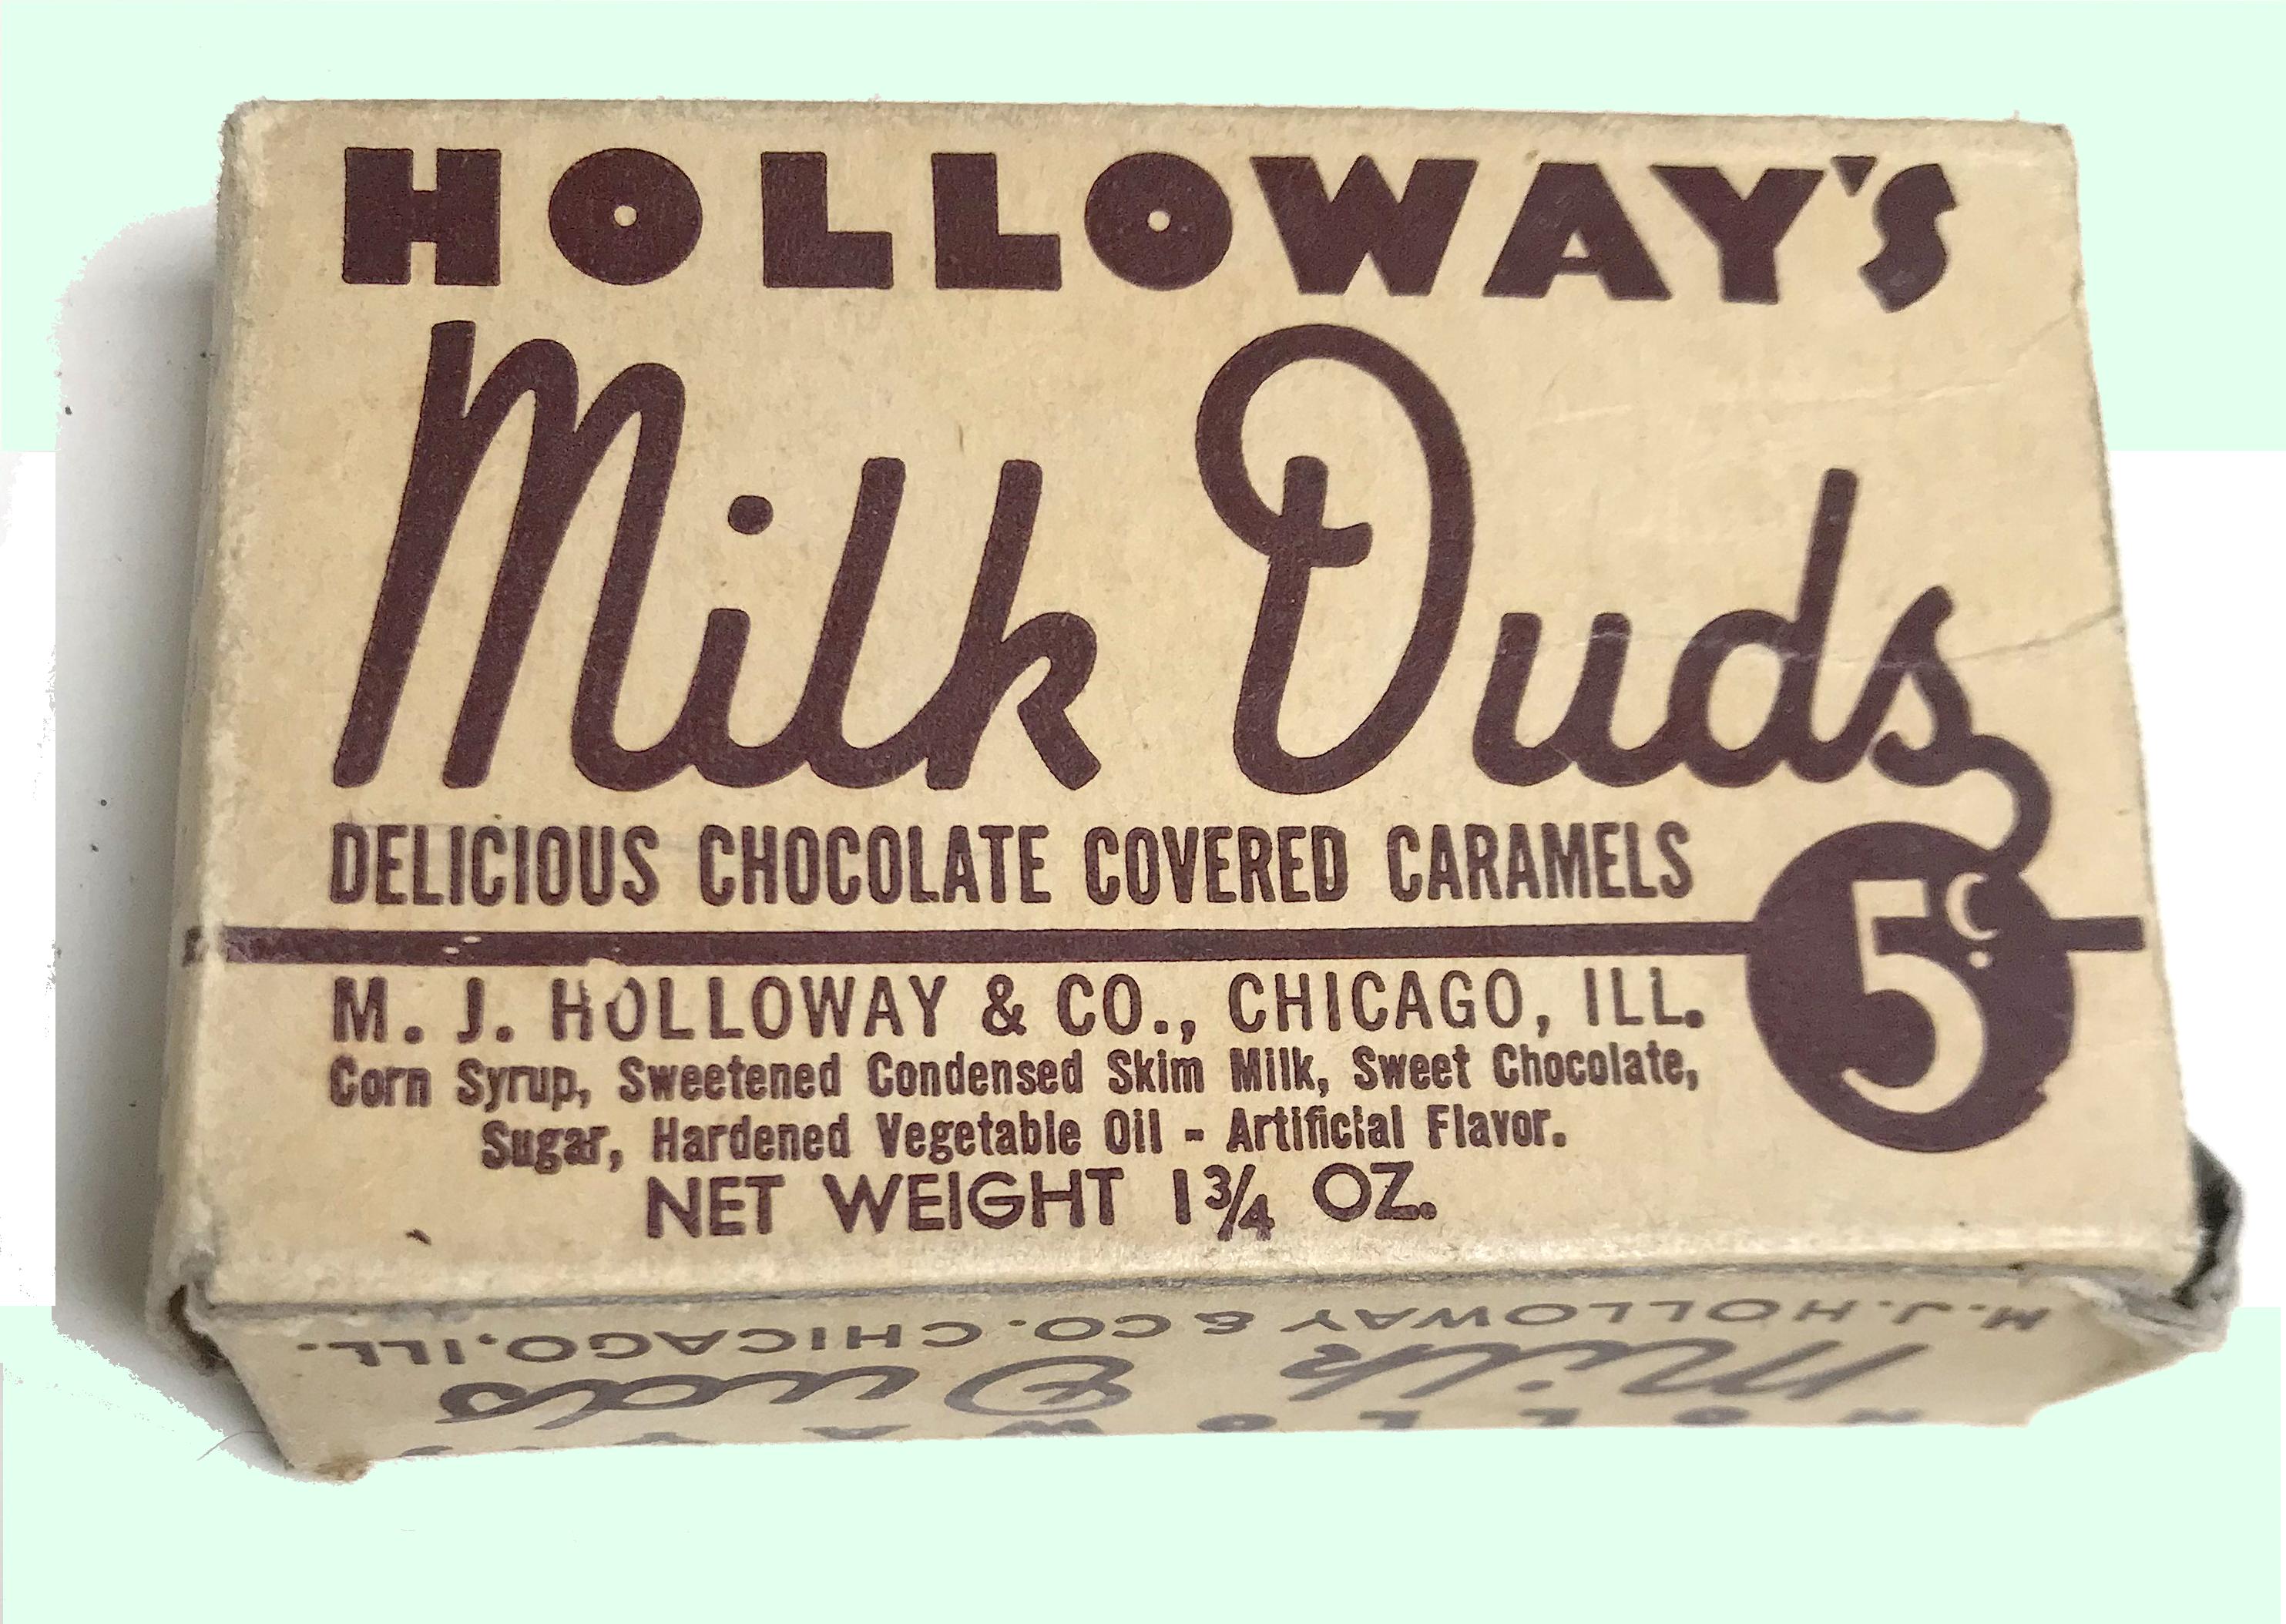 M. J. Holloway & Co., est. 1920